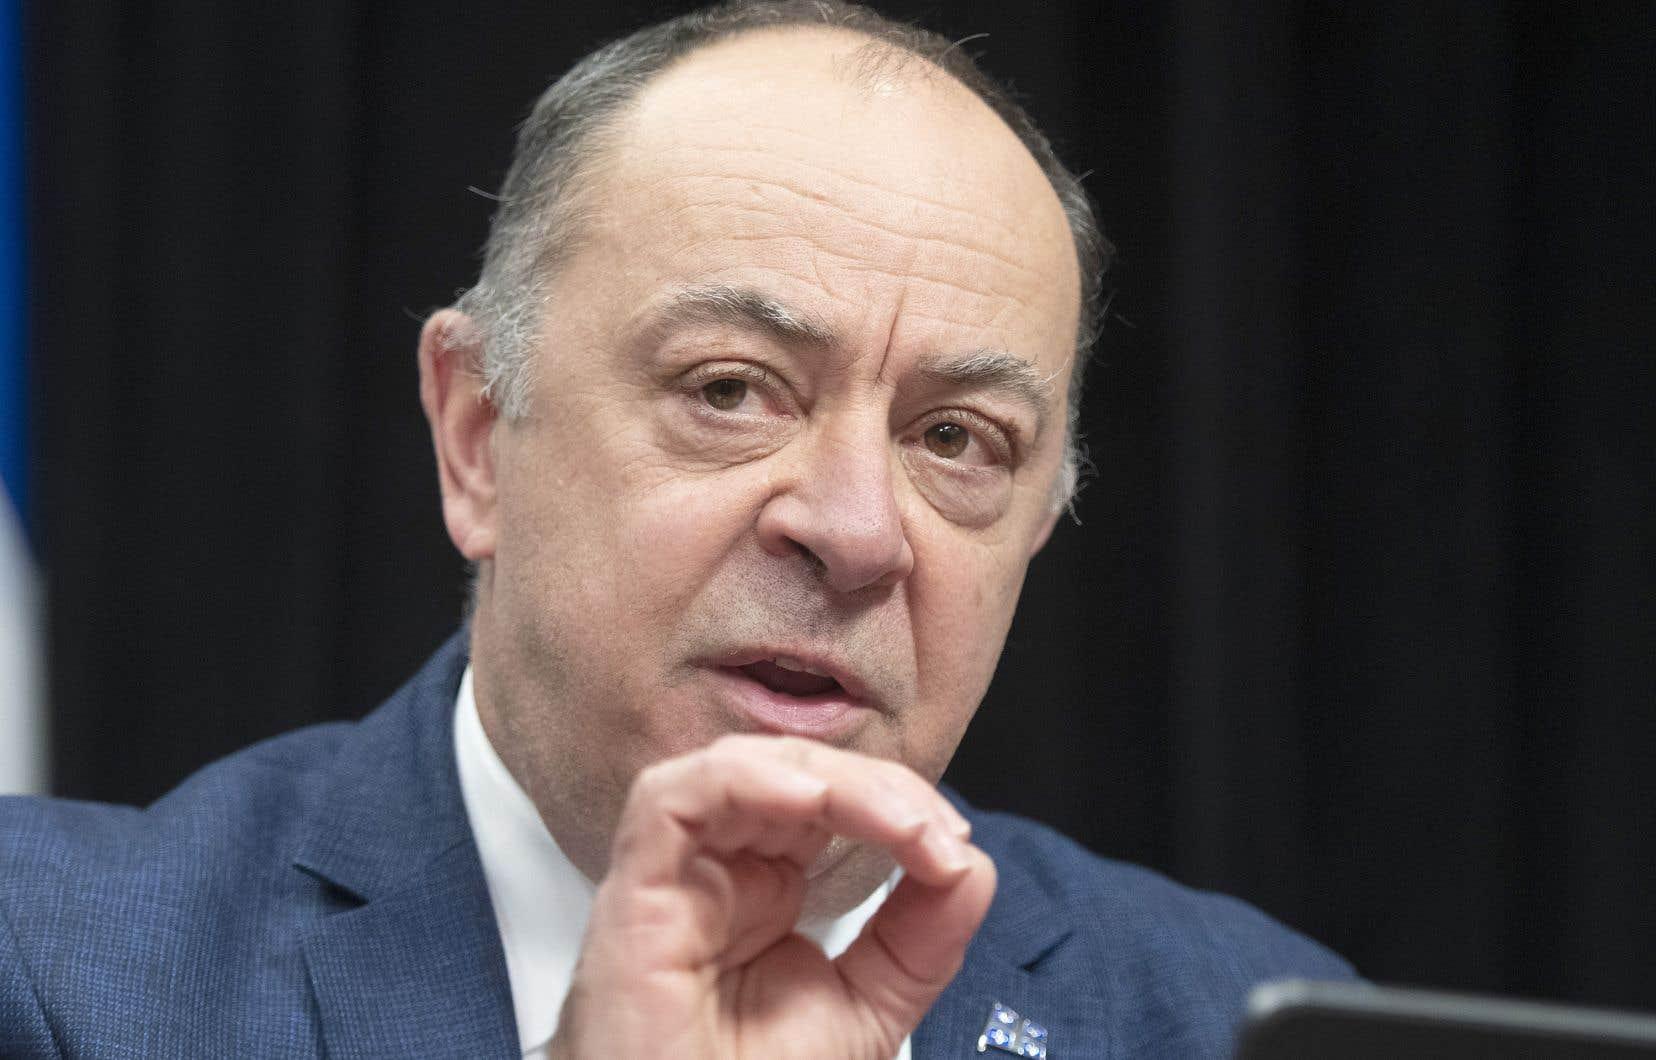 Les hôpitaux pourront bientôt recommencer à planifier des chirurgies, selon les régions, a indiqué le ministre de la Santé, Christian Dubé.